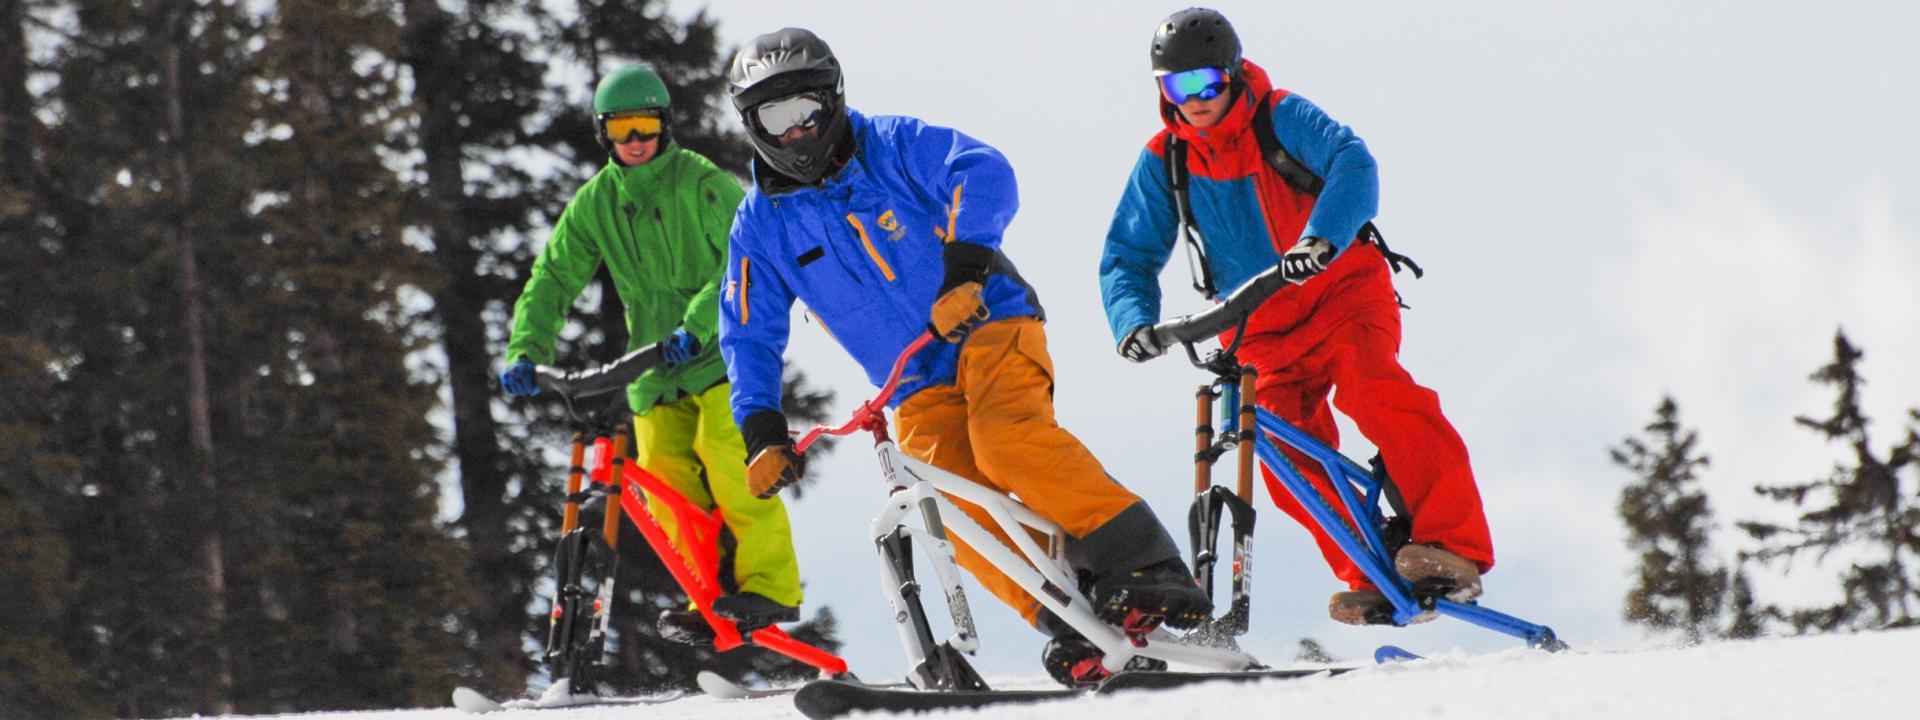 Ski Biking in Winter Park, Colorado